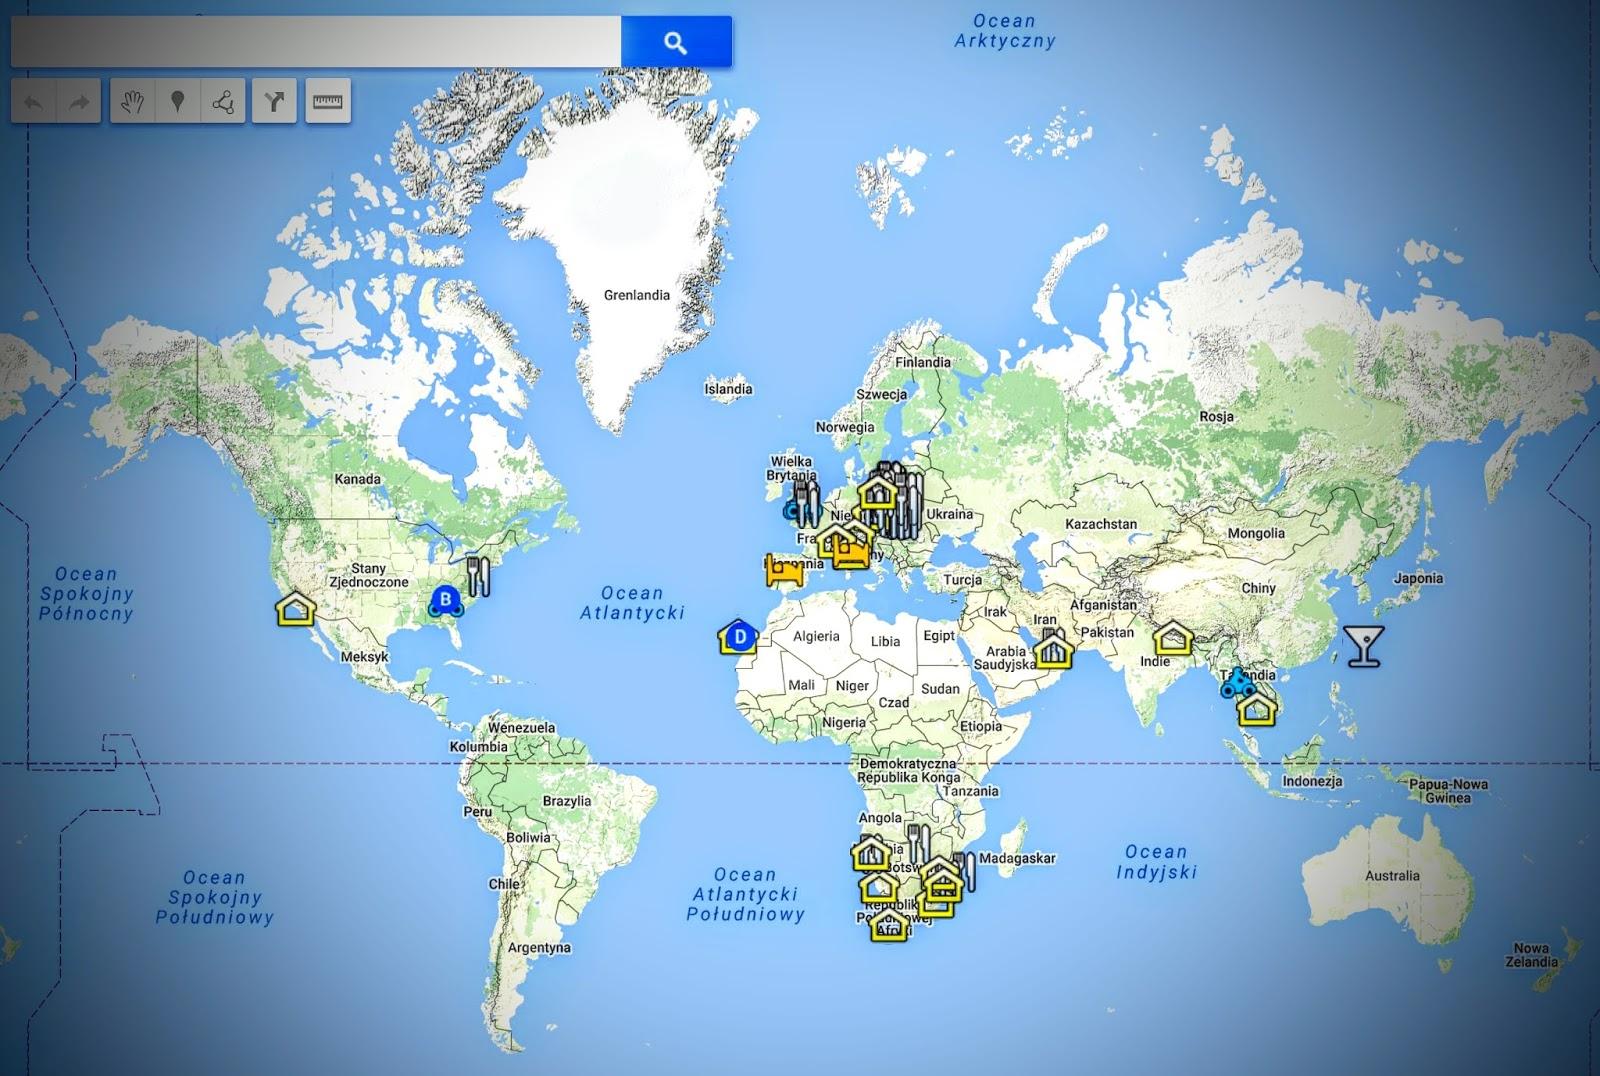 WORLD MAP of BIKERS FRIENDLY PLACES - Mapa miejsc przyjaznych motocyklistom. Bajkersowe miejscówki - gdzie warto zajrzeć?